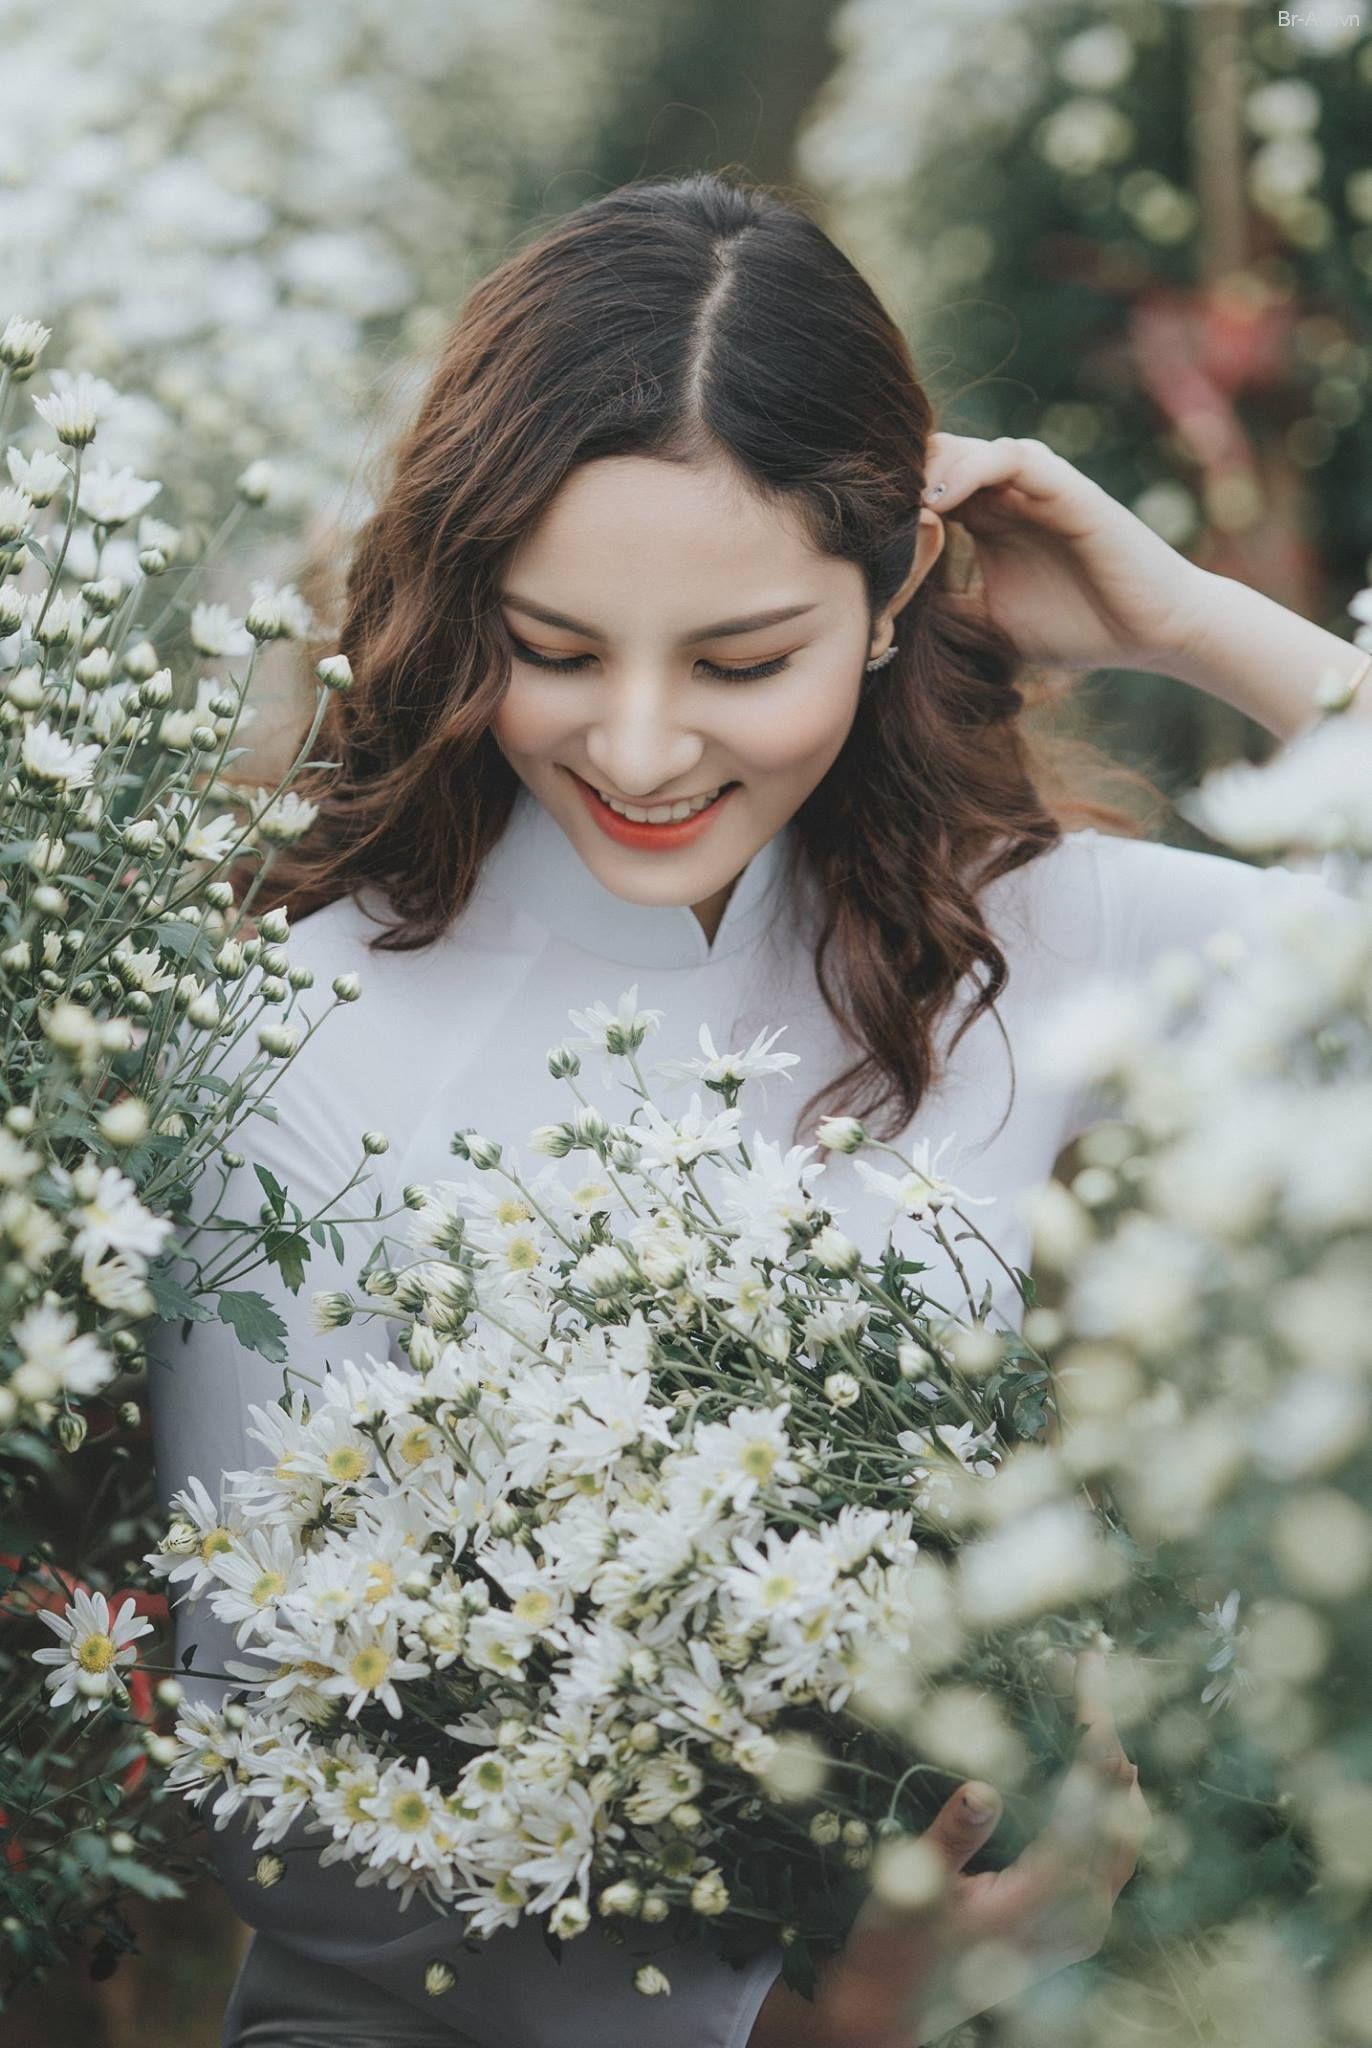 Ý nghĩa của loài hoa cúc họa mi | Hoa cúc họa mi, Hoa, Hoa cúc